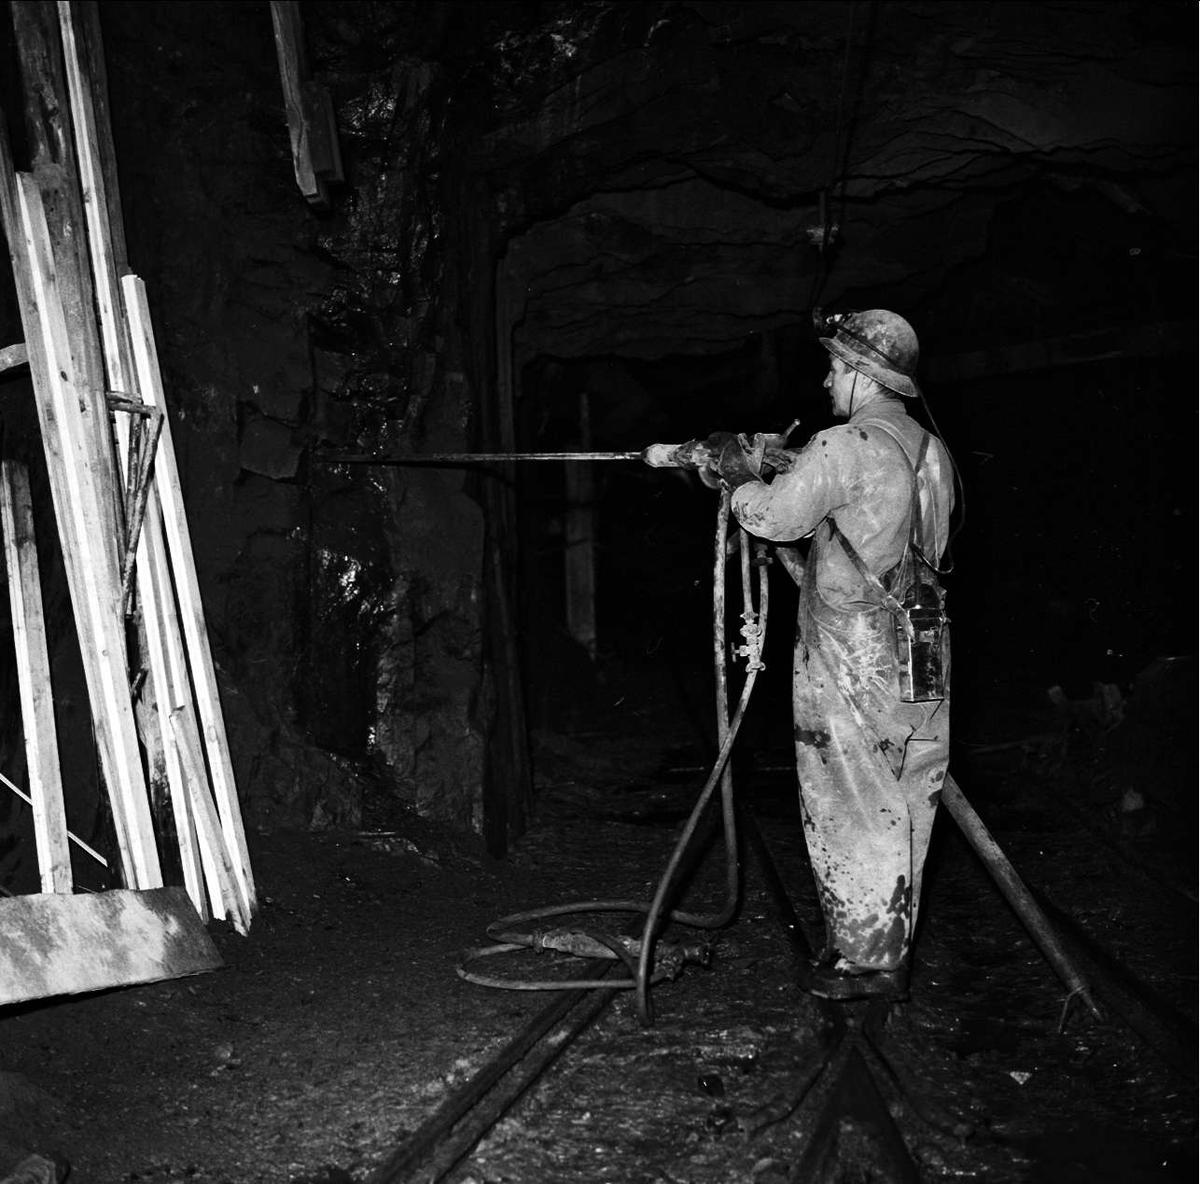 Gruvarbetare i Ramhälls gruvor, Ramhäll, Alunda socken, Uppland